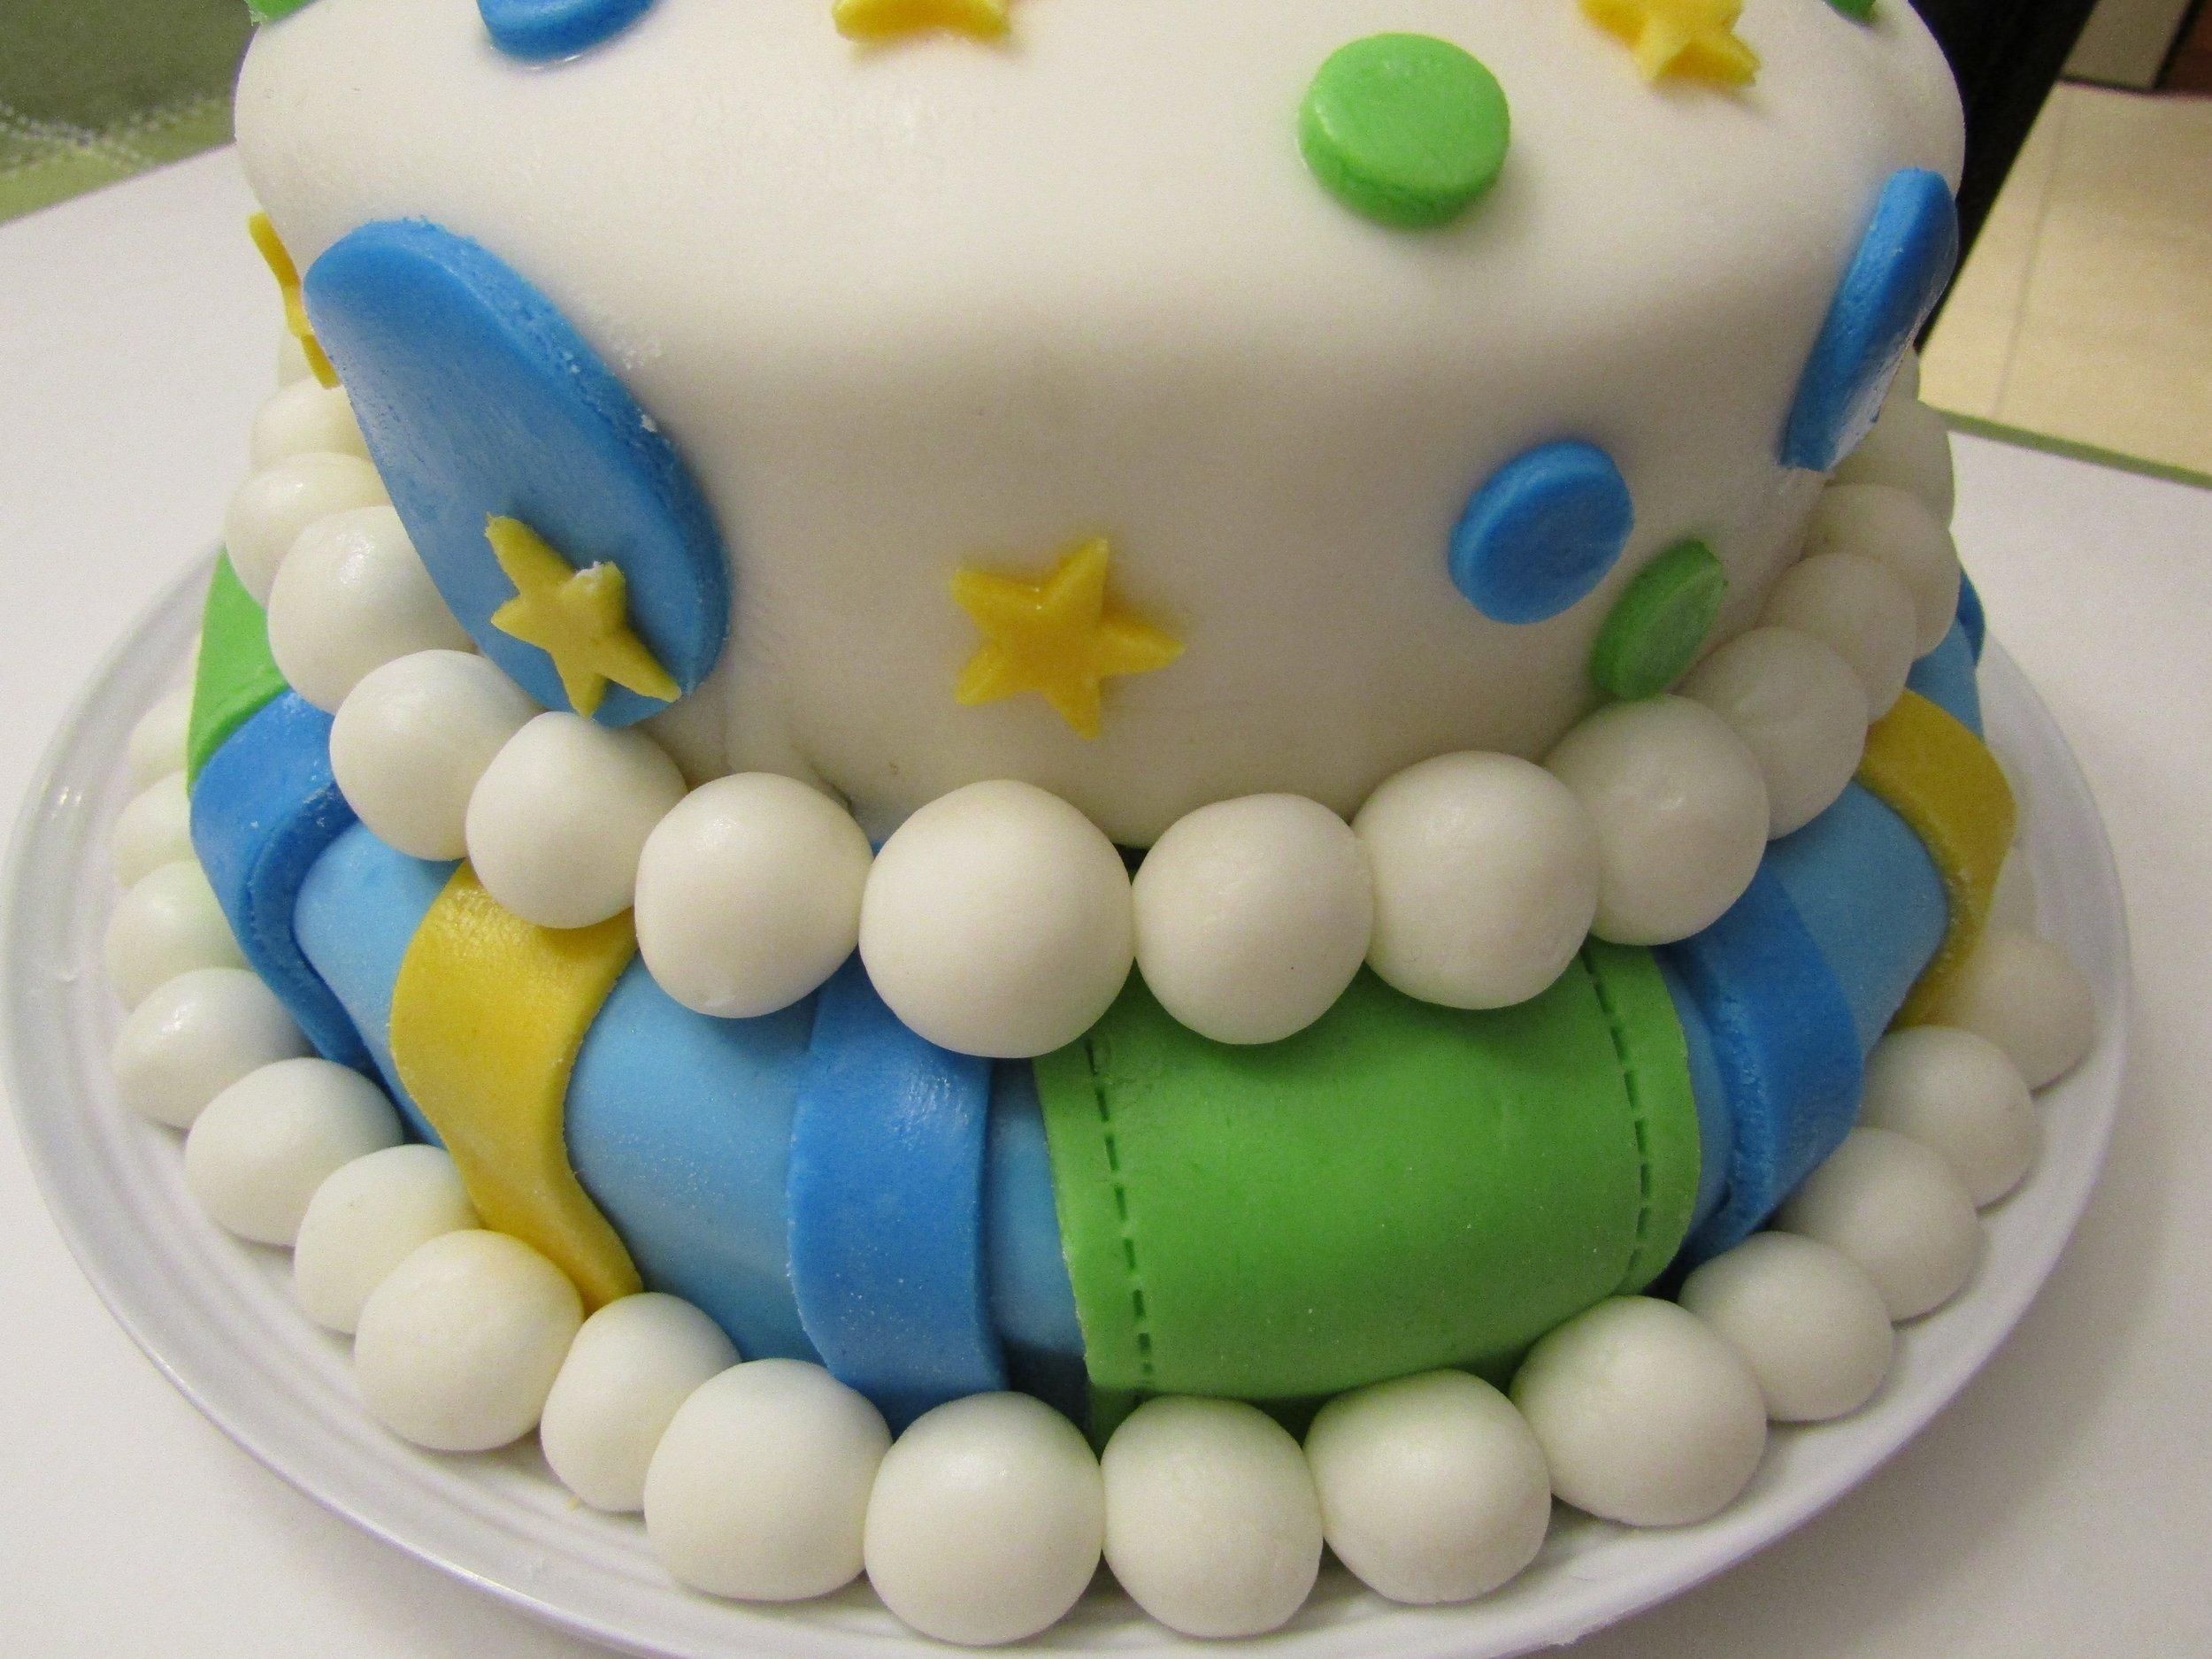 gâteau-maison-fête-enfant-joli-facile-etoiles